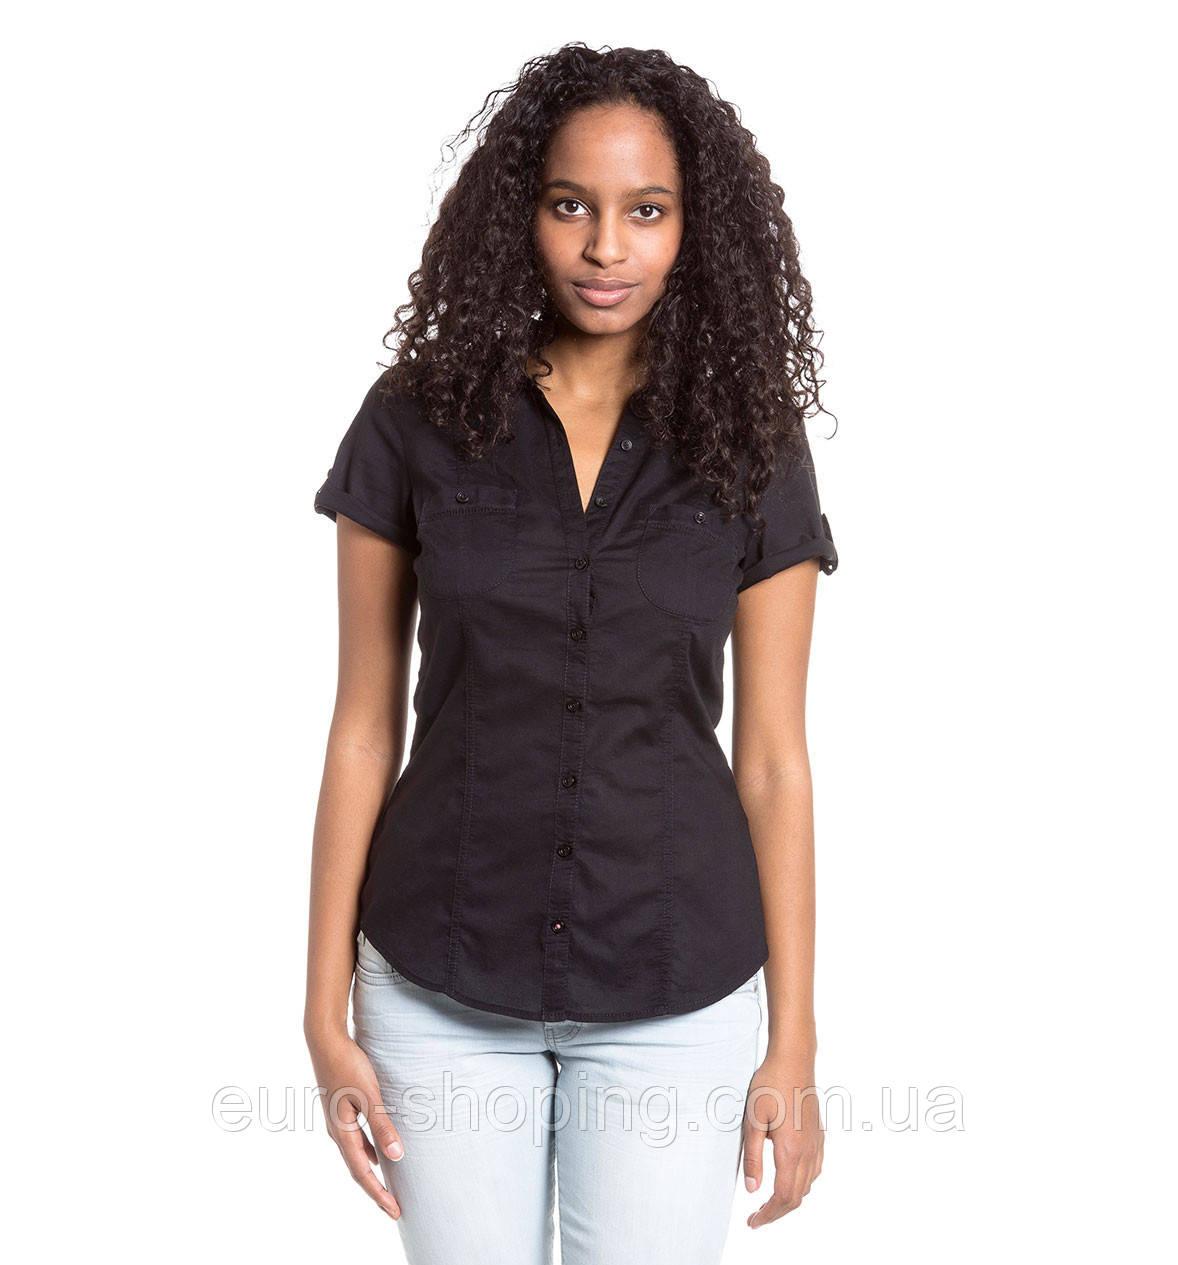 Купить блузки из европы